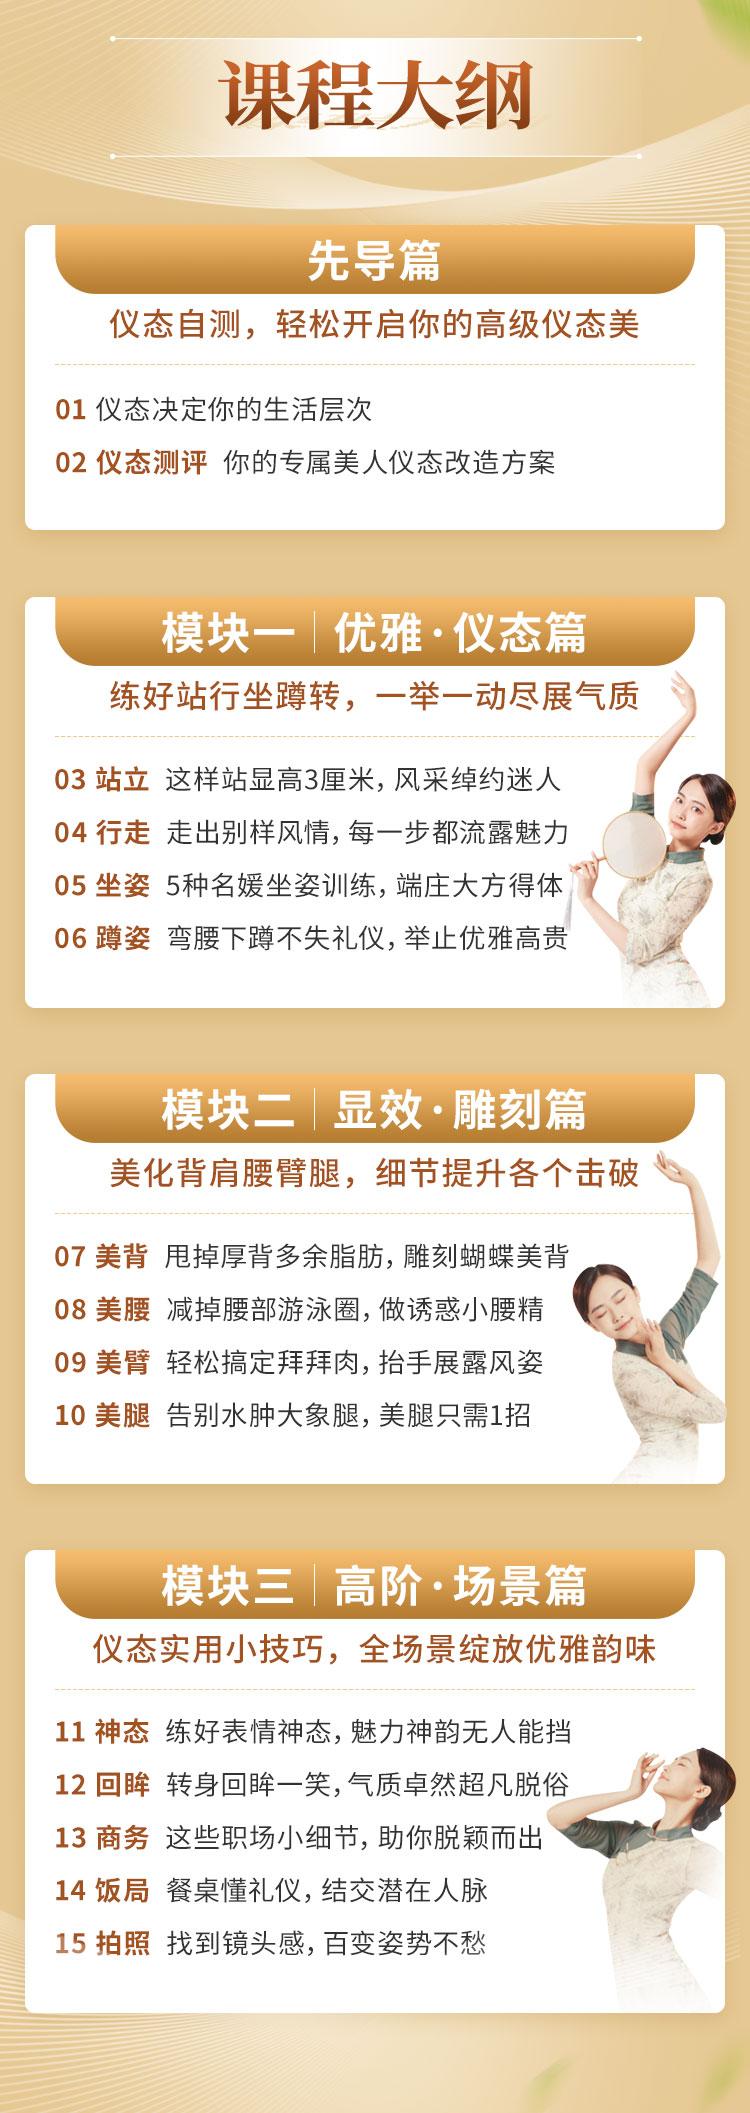 潘晓珊-仪态课-长图V2_09(1).jpg